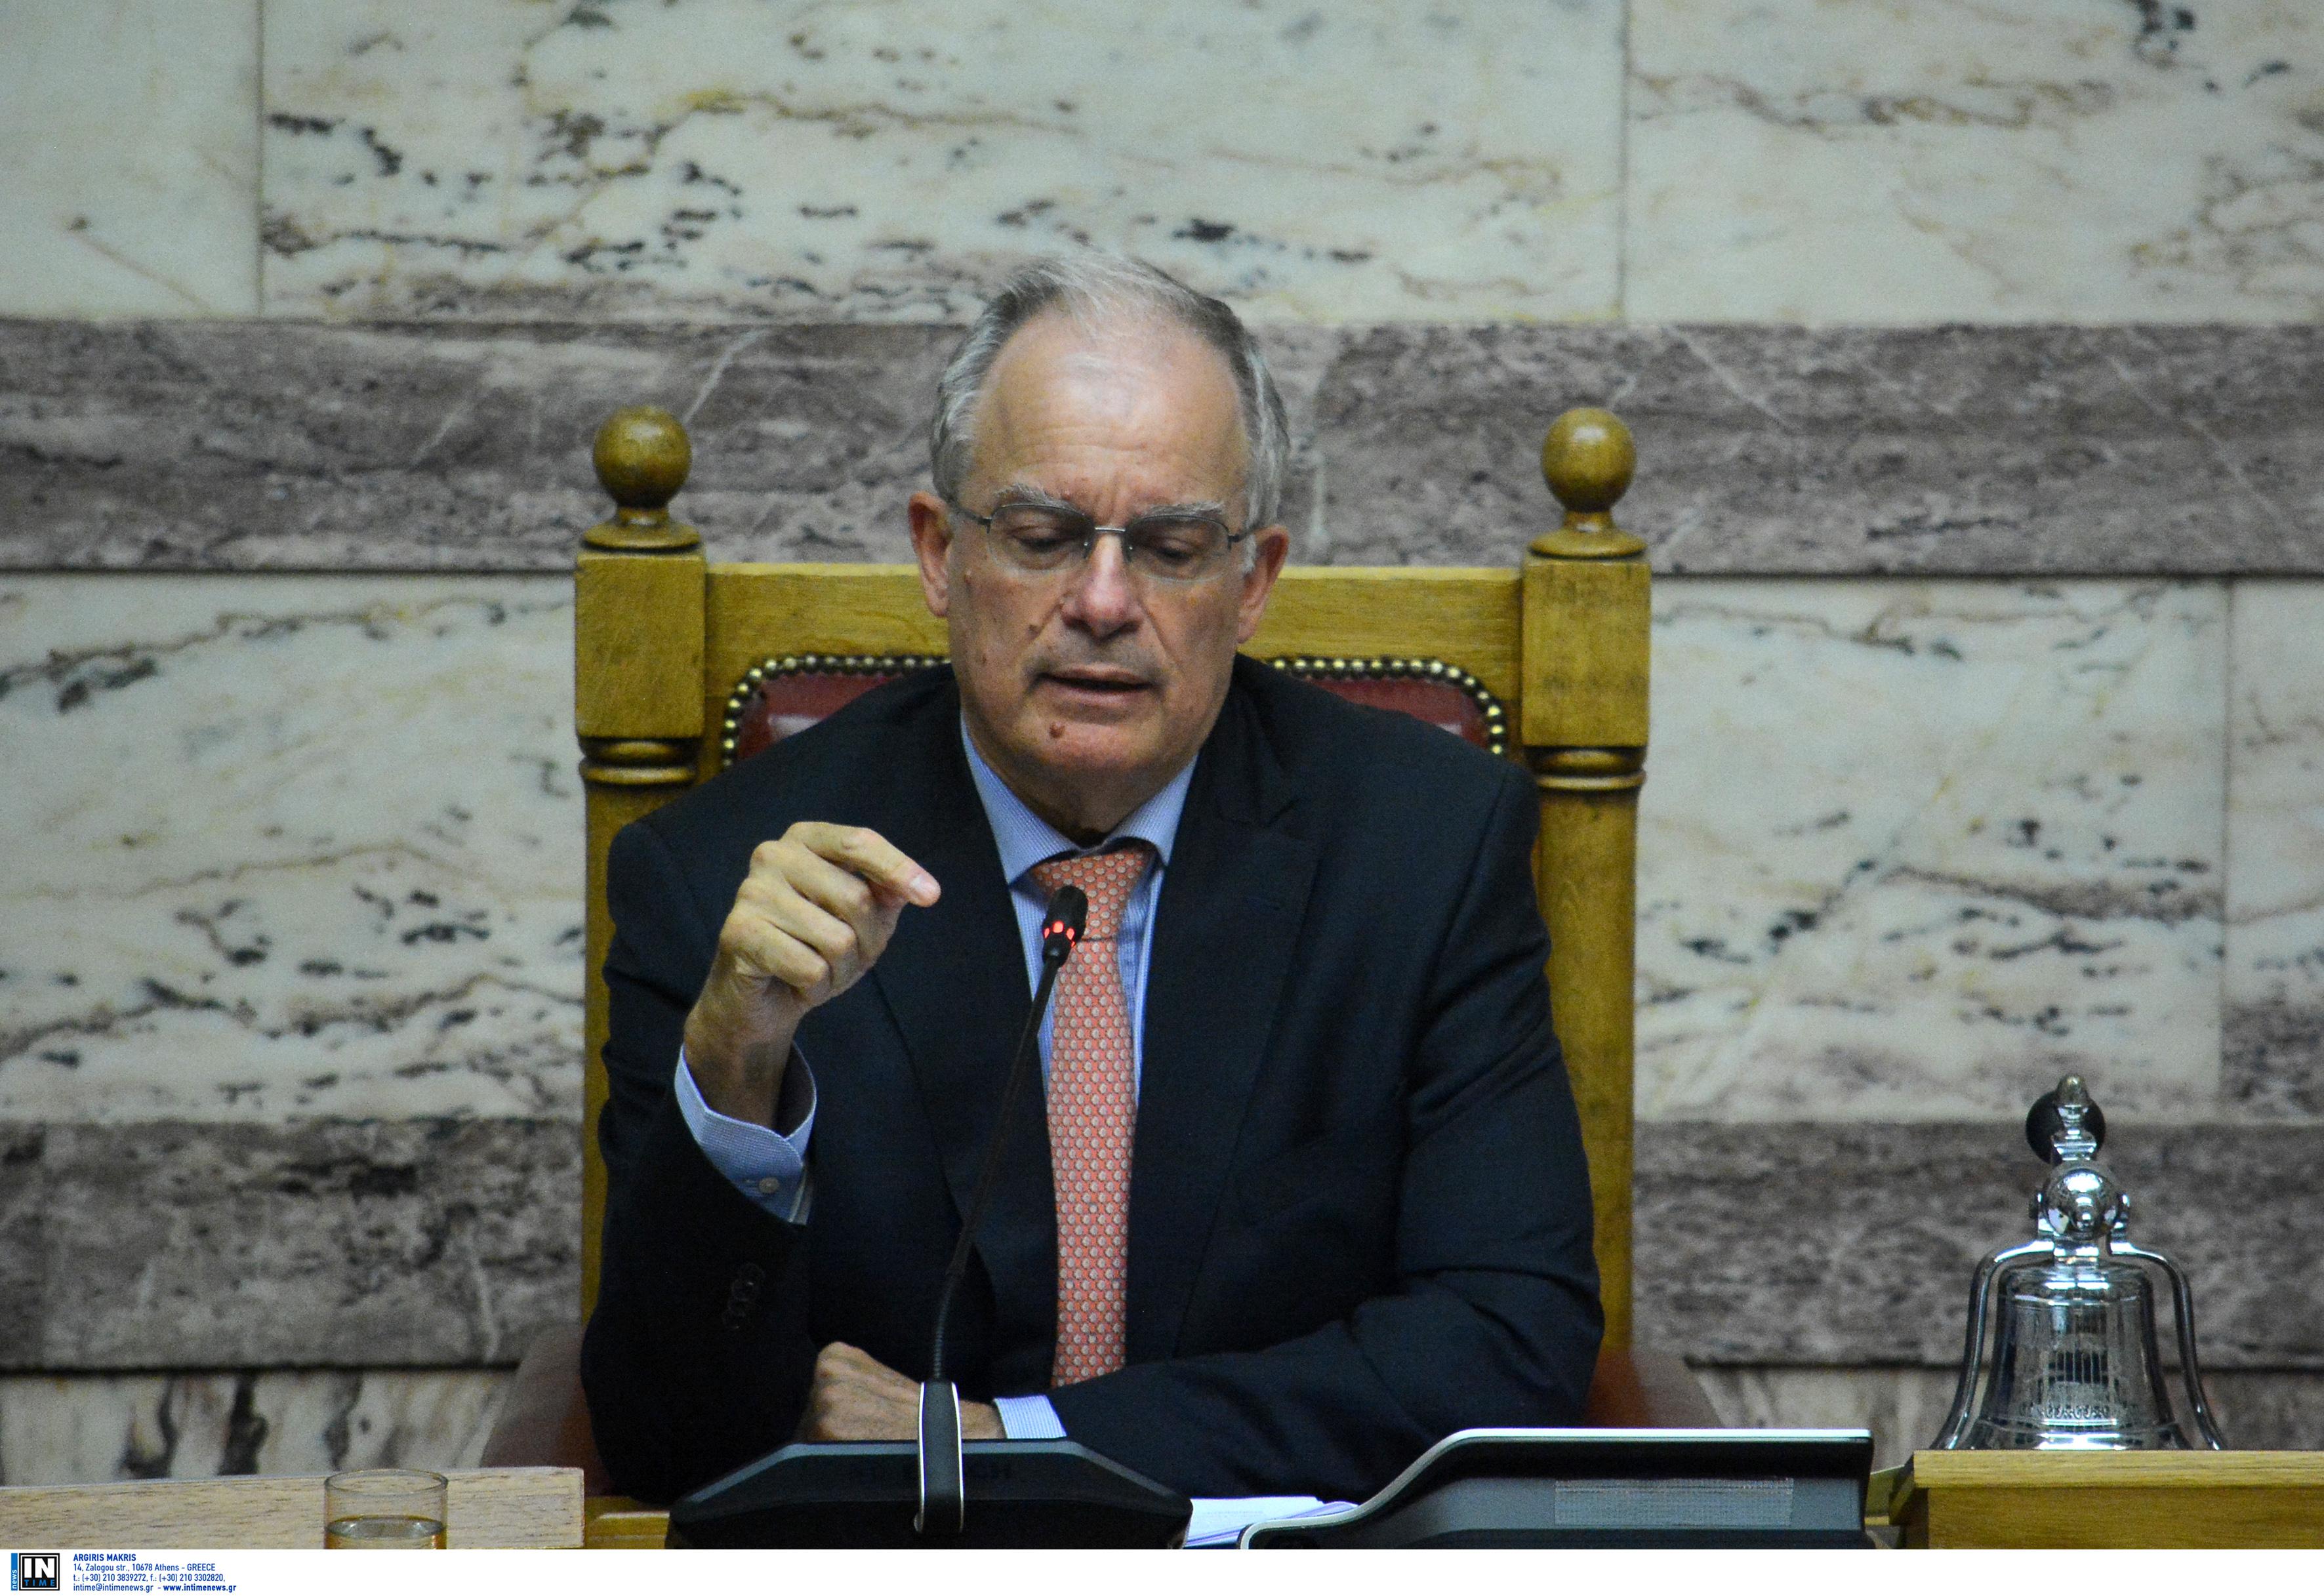 Η απάντηση Τασούλα στην πρόταση του ΜεΡΑ25 να συνεδριάζει η Βουλή μέσω τηλεδιάσκεψης